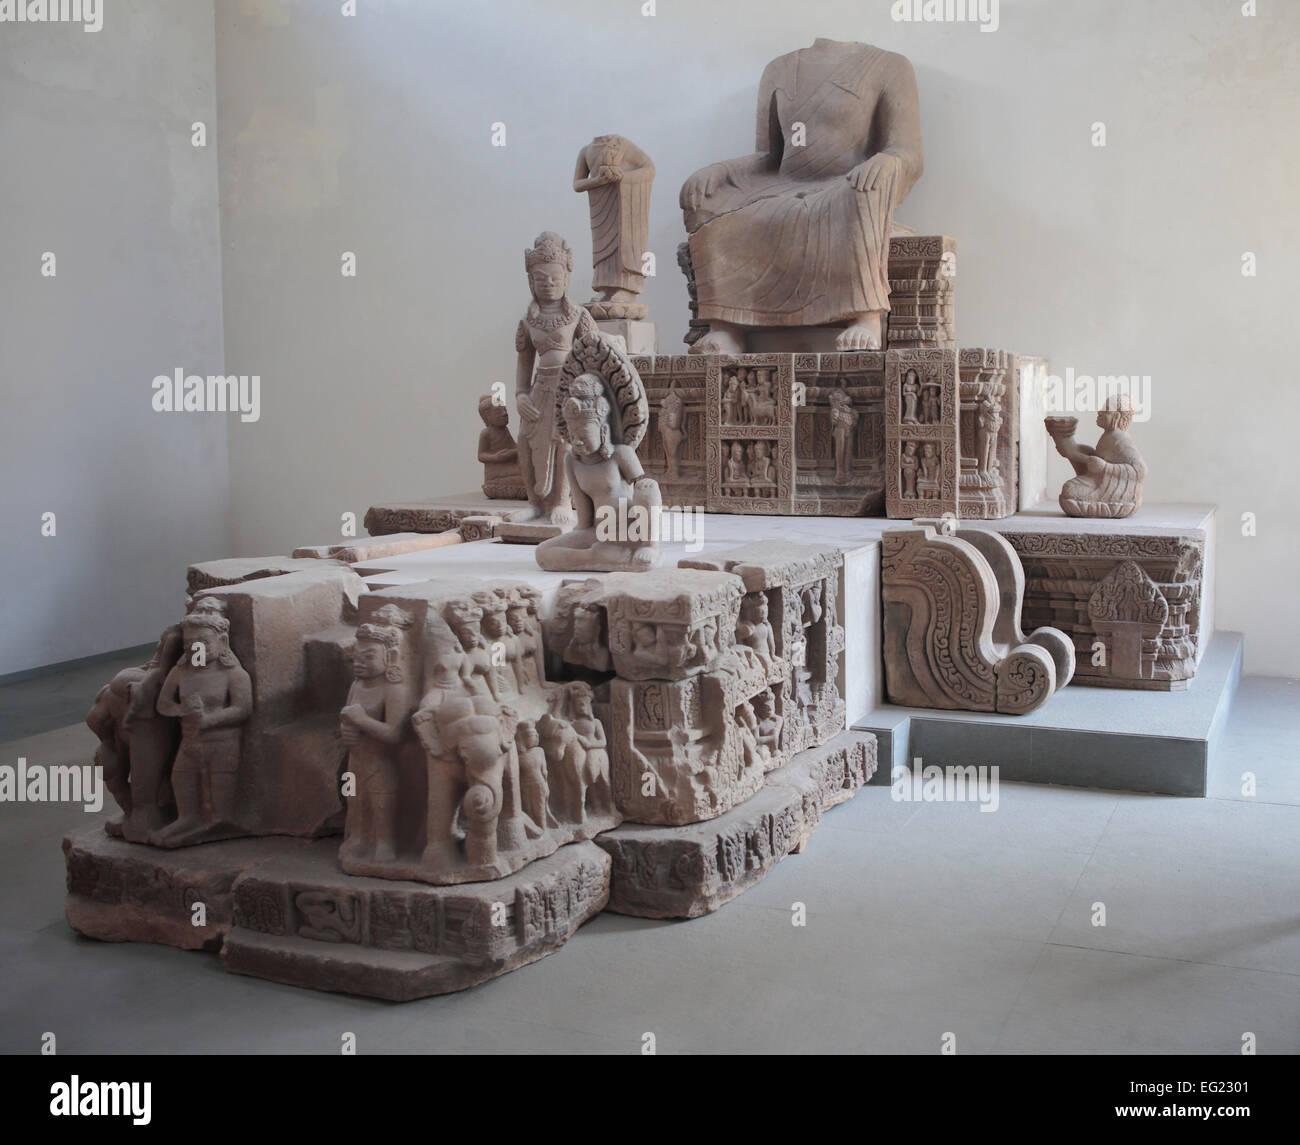 Museum of Cham Sculpture, Da nang, Vietnam Photo Stock